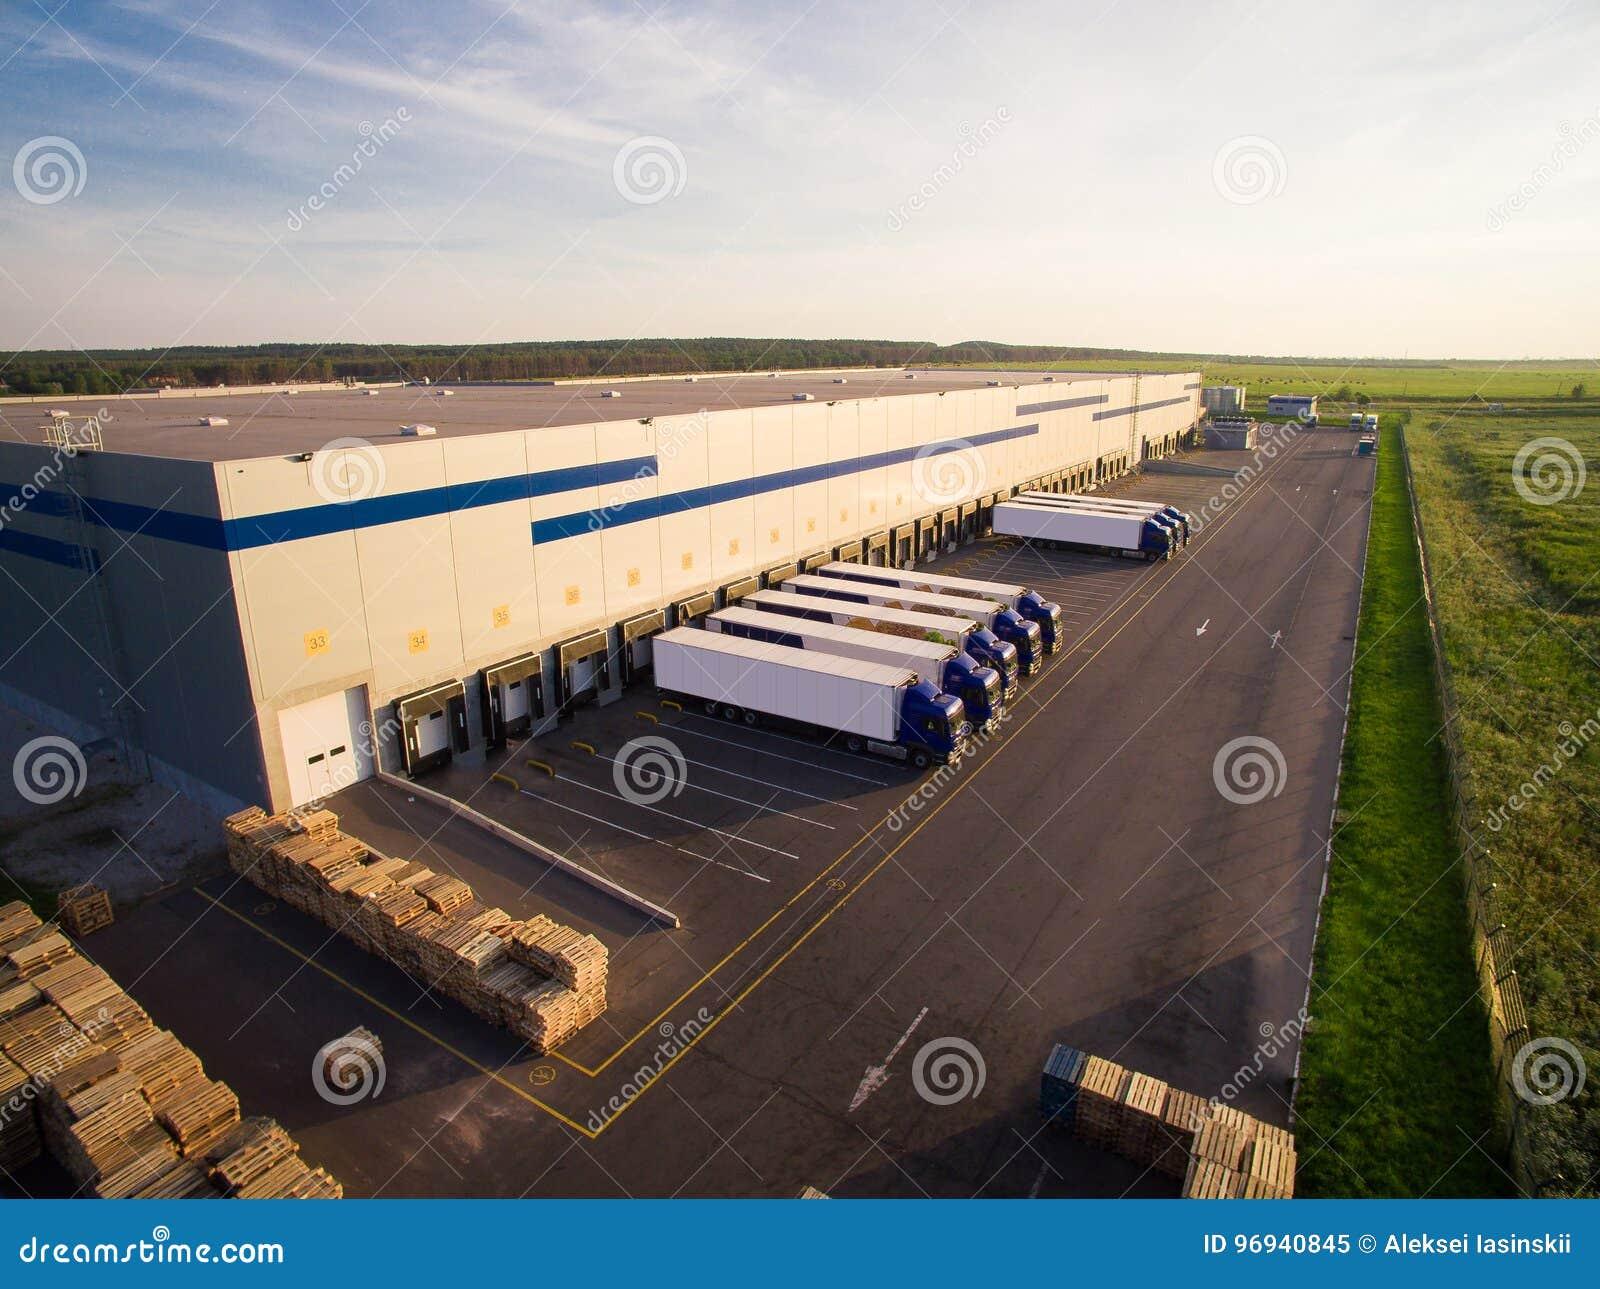 Magazzino di distribuzione con i camion di capacità differente